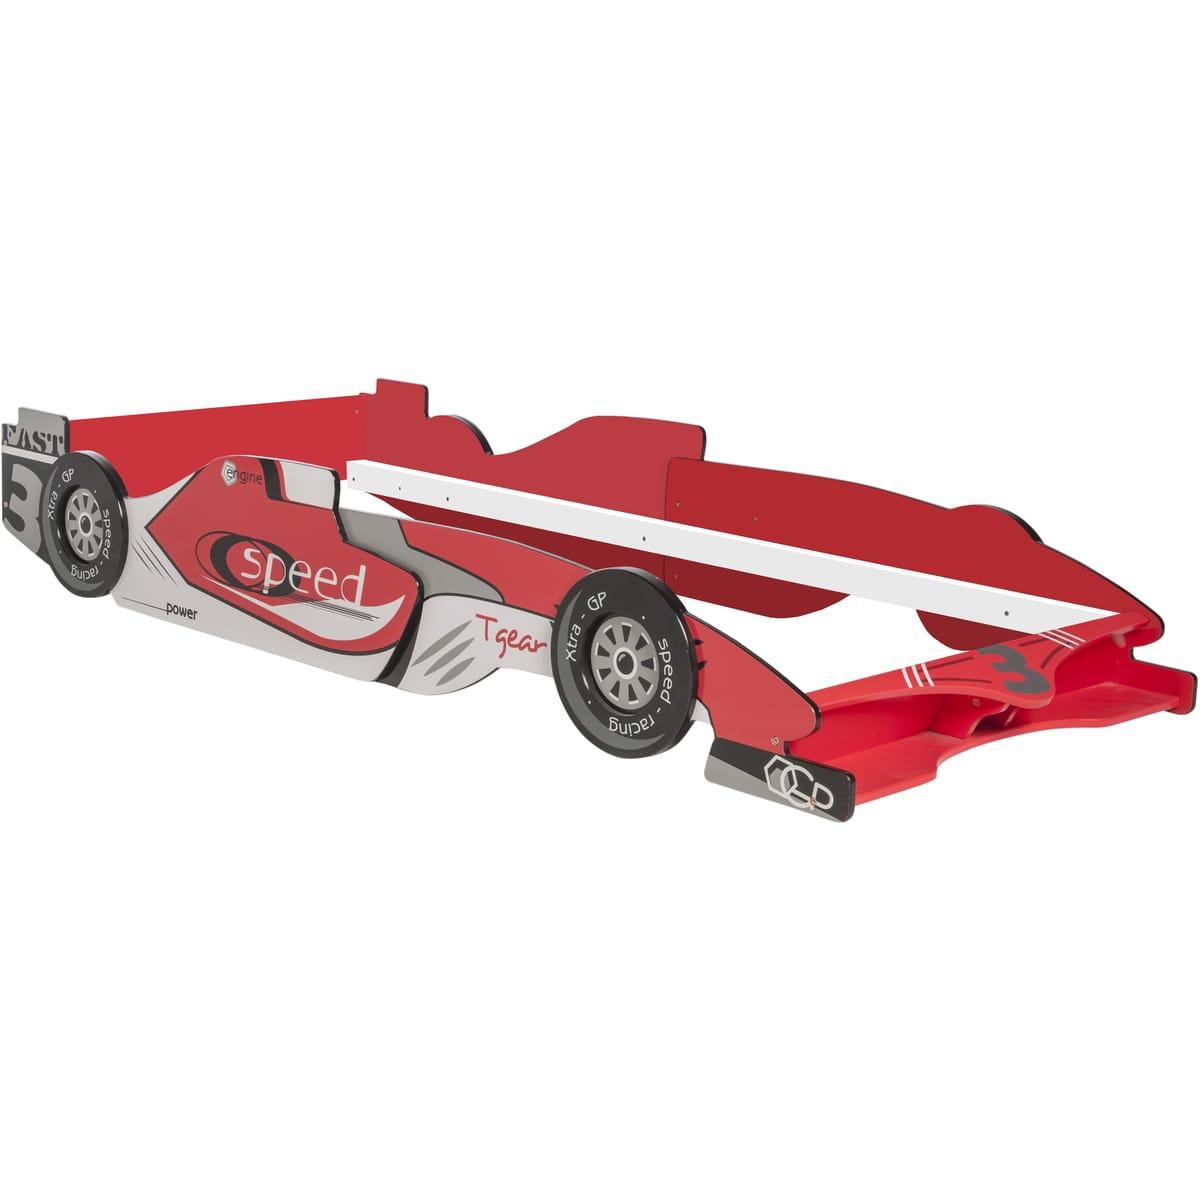 Lit voiture de course enfant extensible (90 x 190 cm)